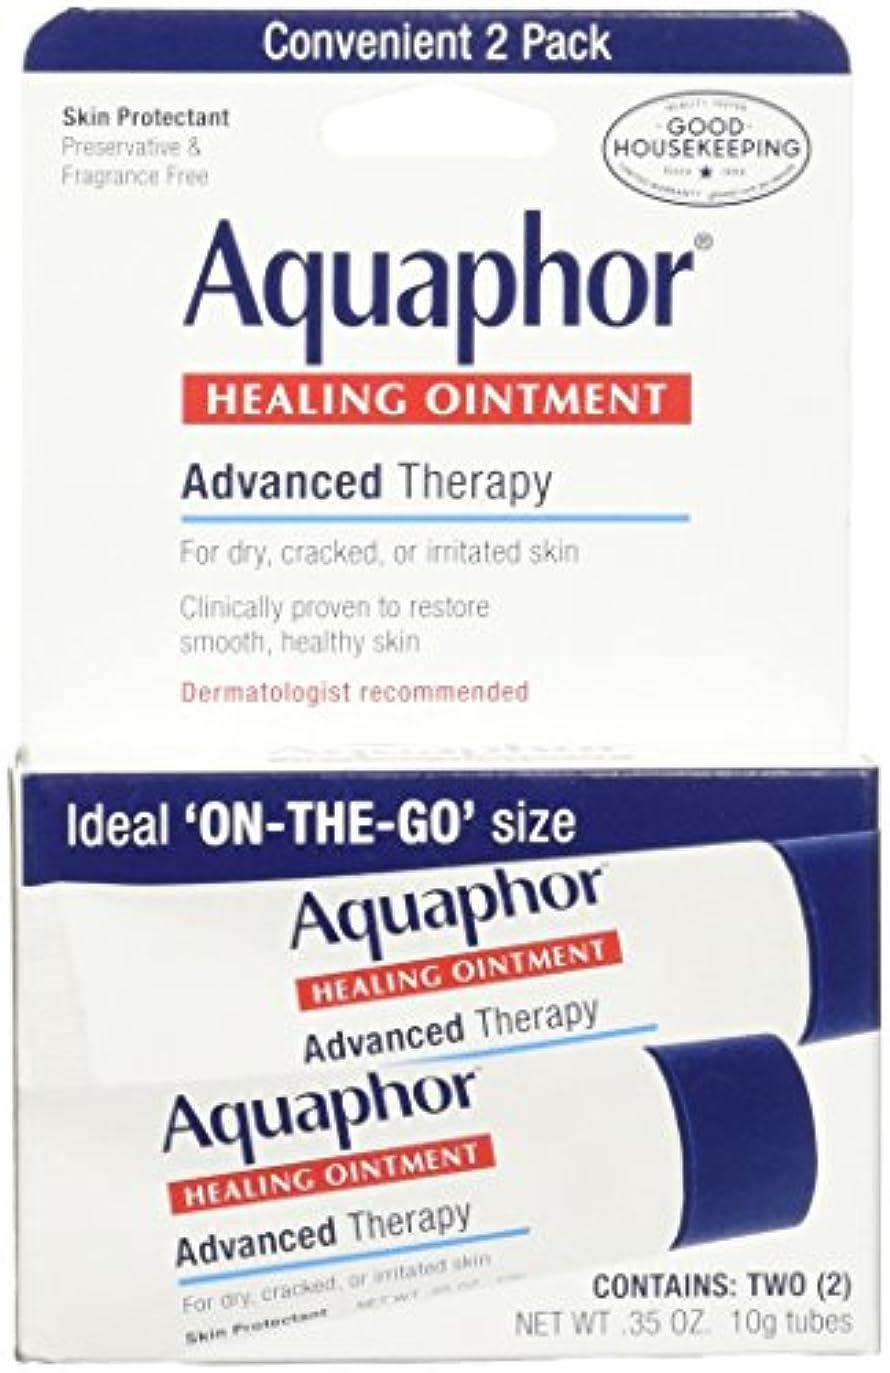 降臨中国死にかけている海外直送肘 Aquaphor Healing Ointment 2 Pack, 2/3.5 oz